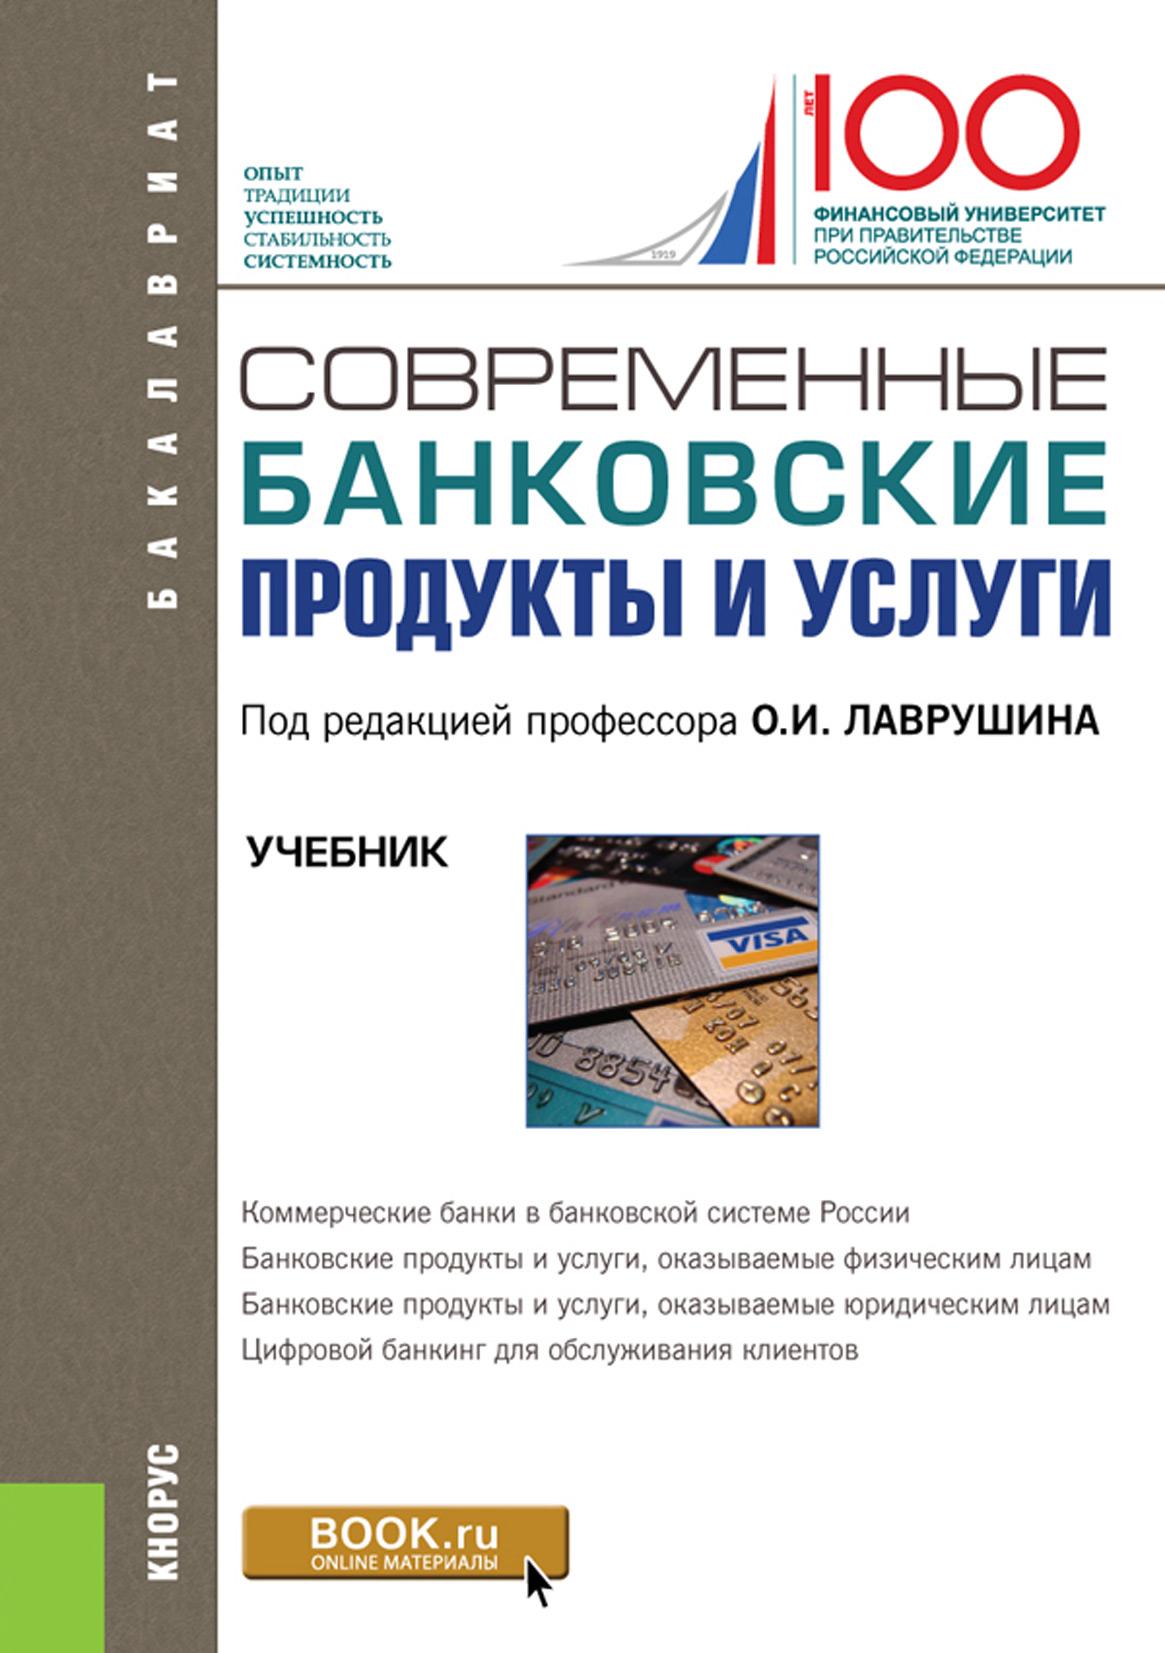 Коллектив авторов Современные банковские продукты и услуги